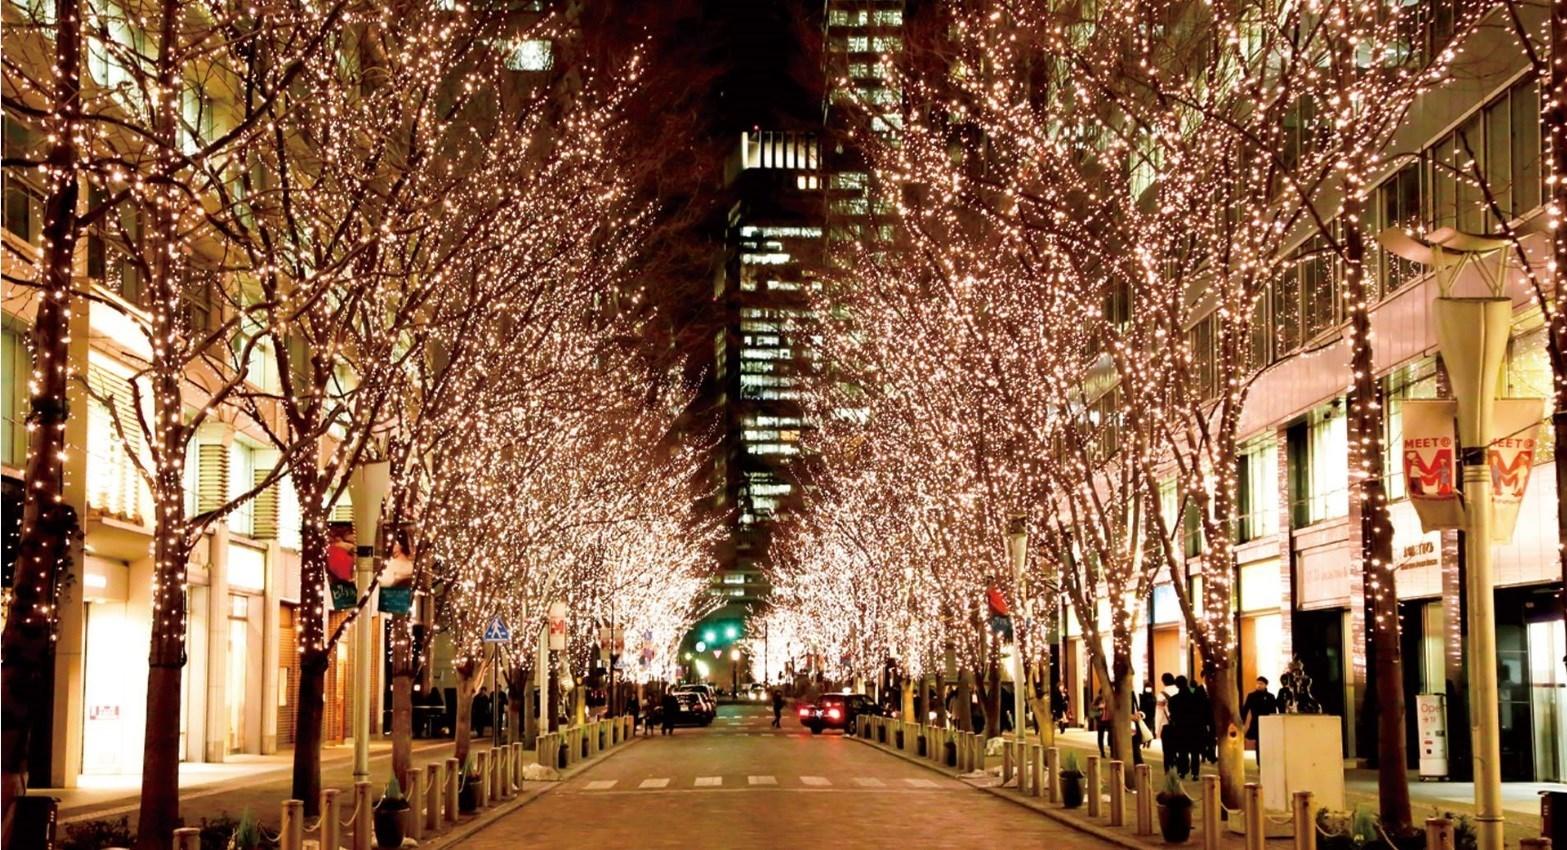 đường phố nhật bản mùa đông